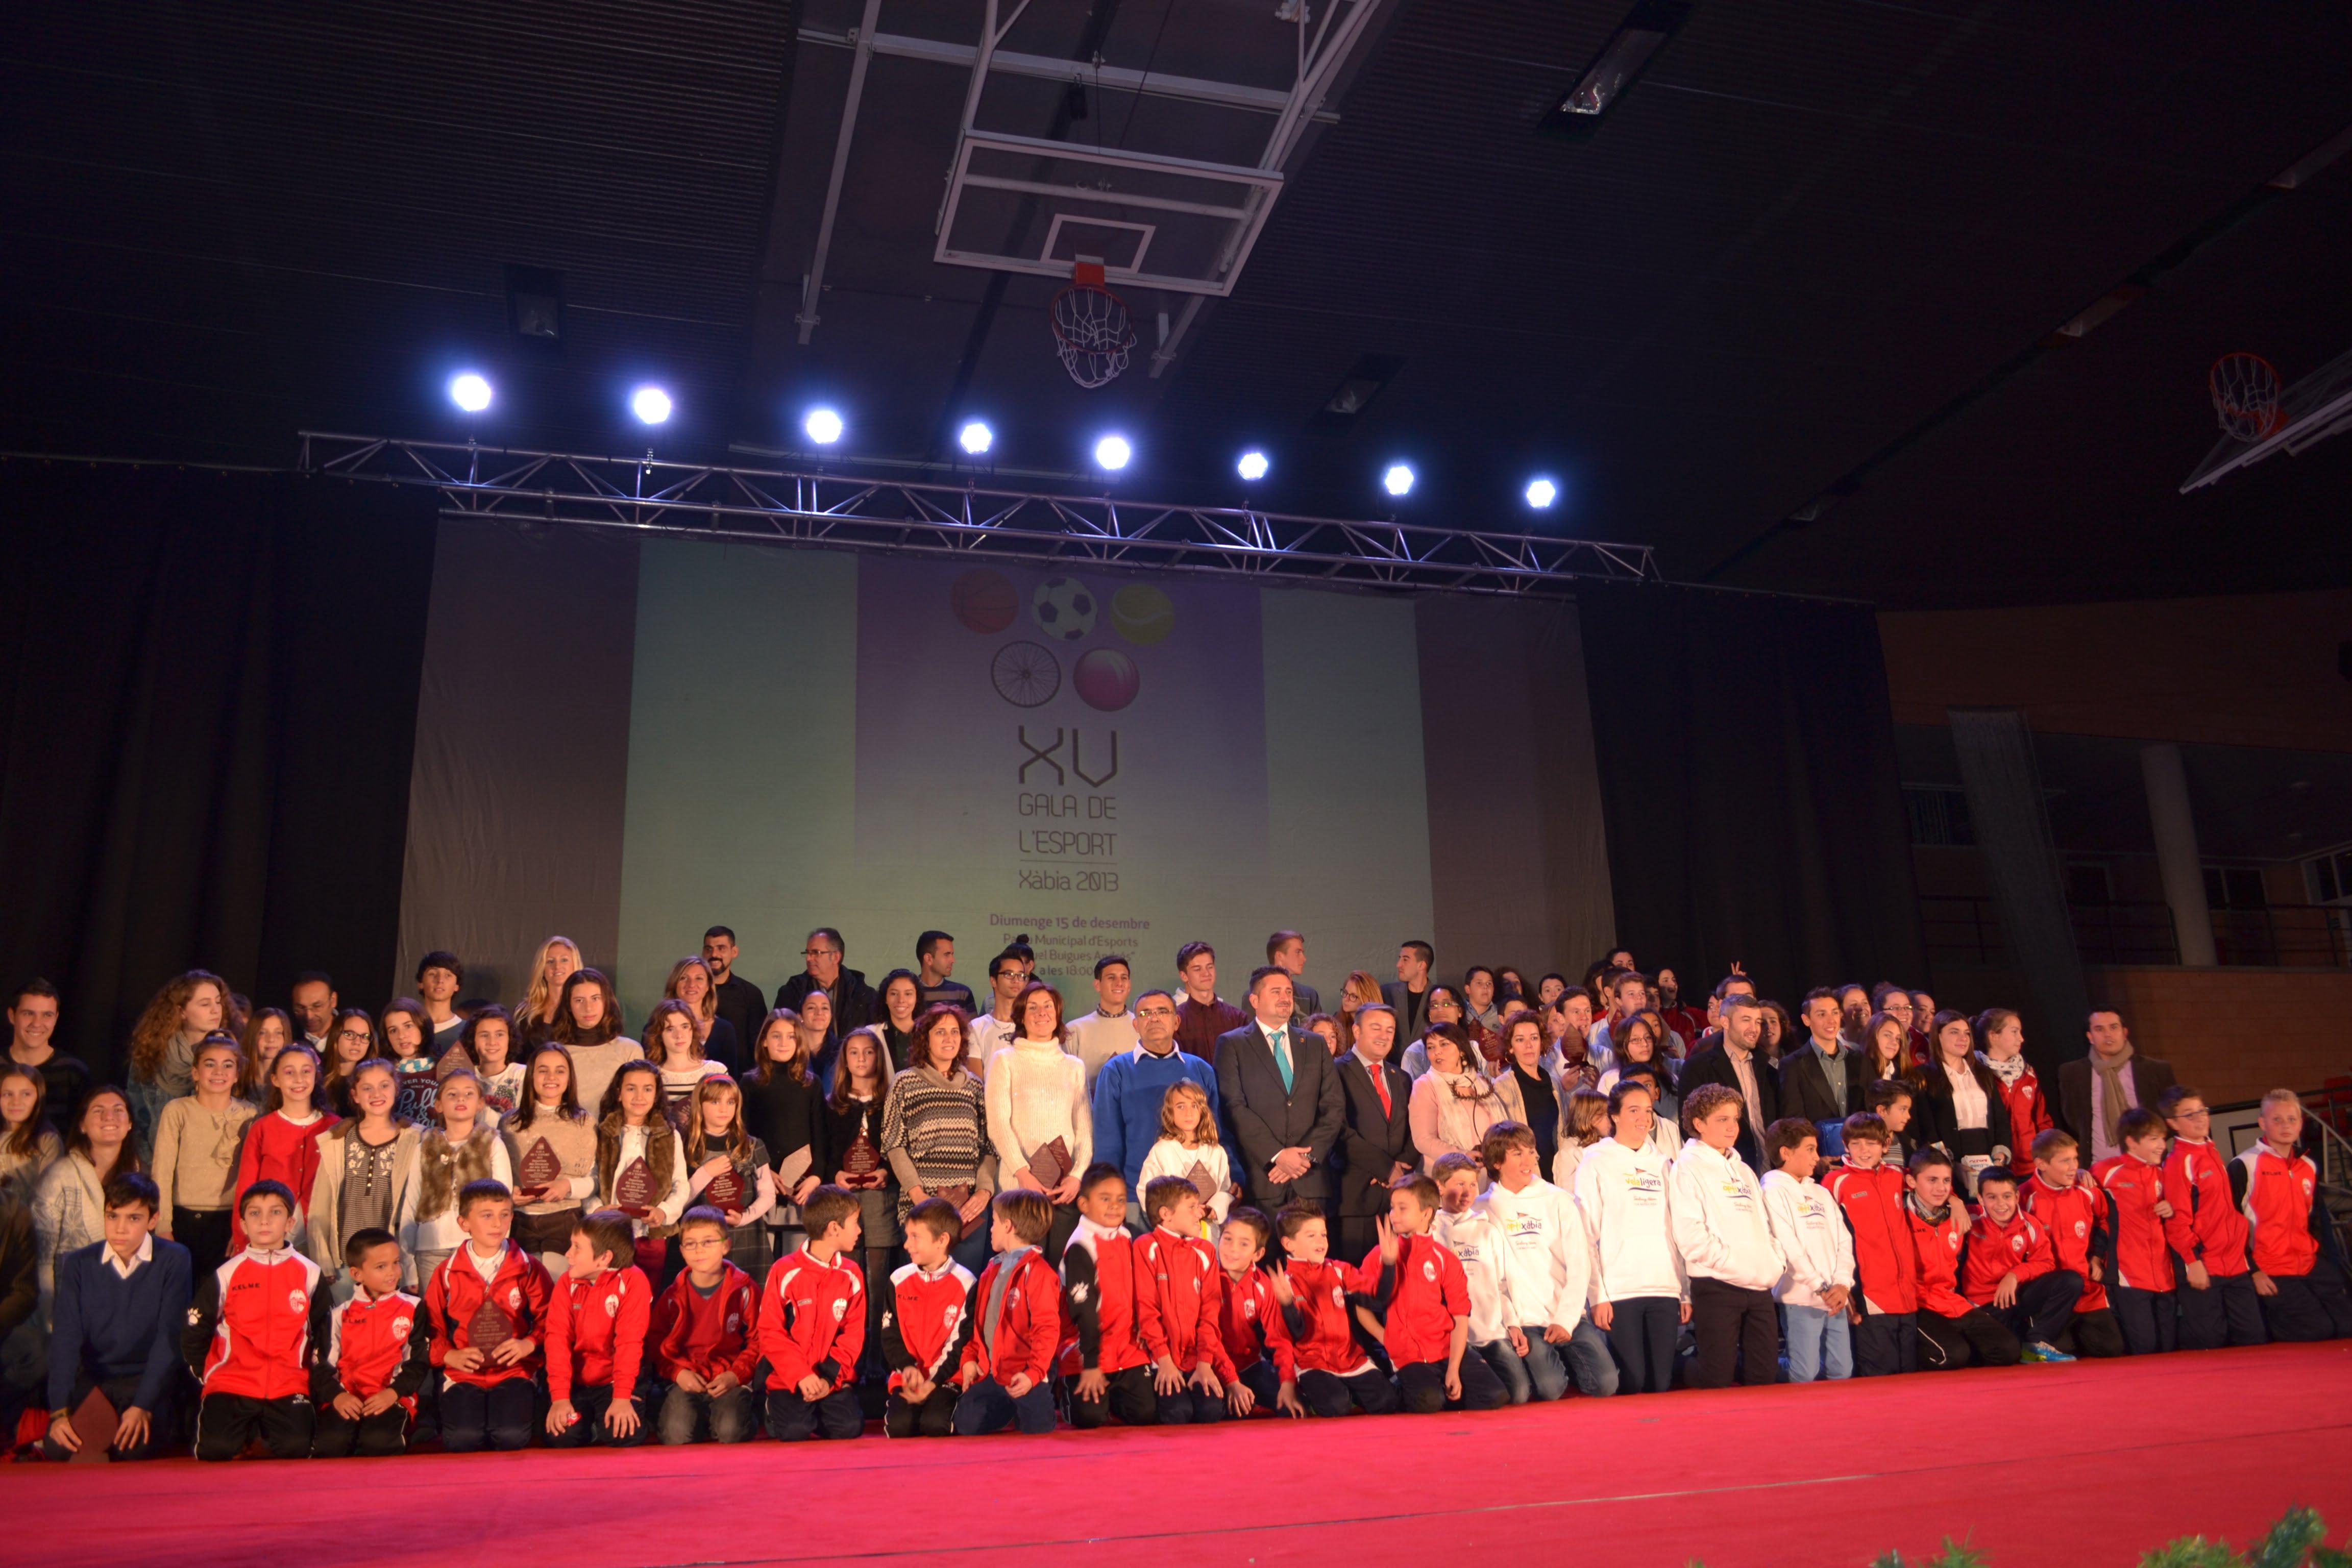 XV Gala de L´Esport Xàbia 2013